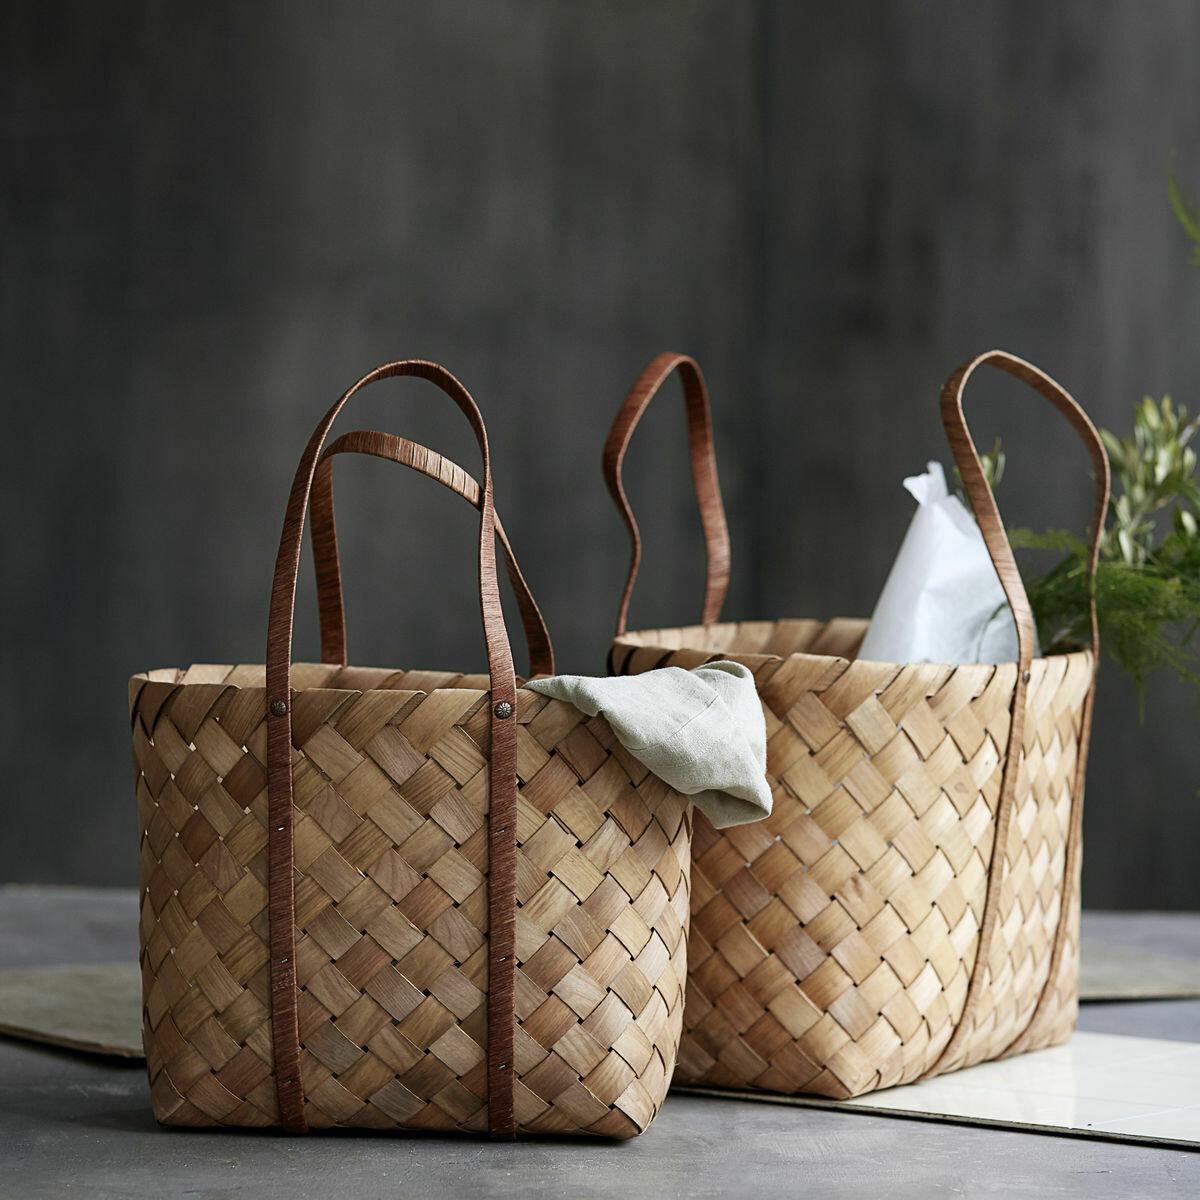 Bags (Set of 2), Beach, Brown